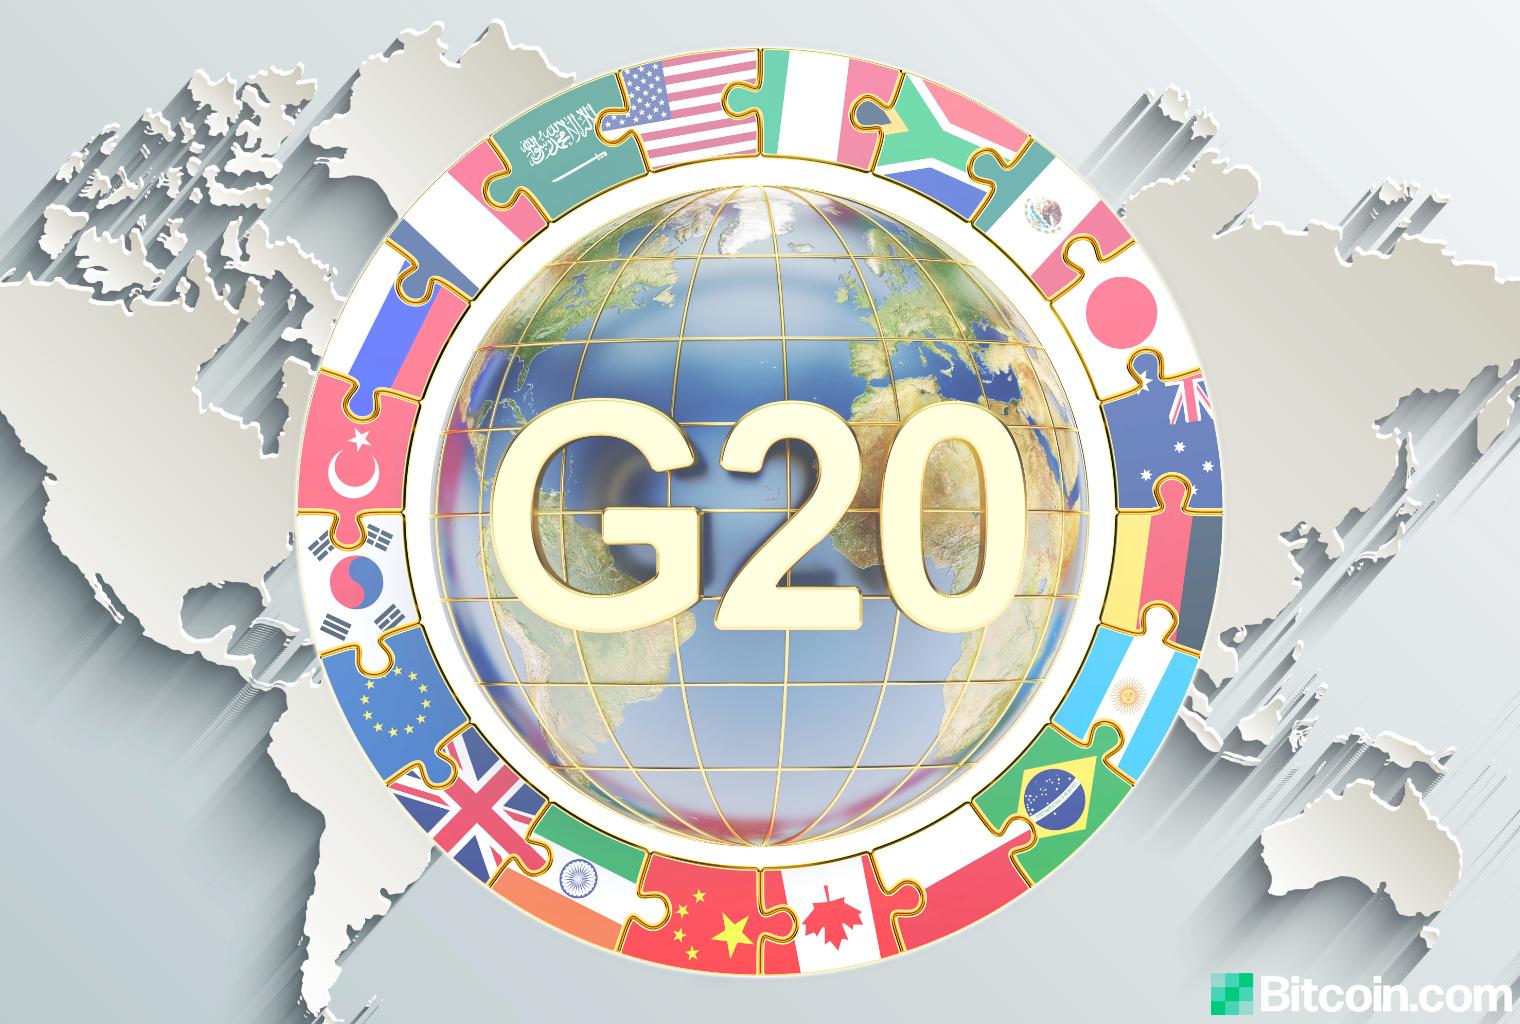 Las monedas estables informadas del G20 podrían representar un riesgo de estabilidad financiera